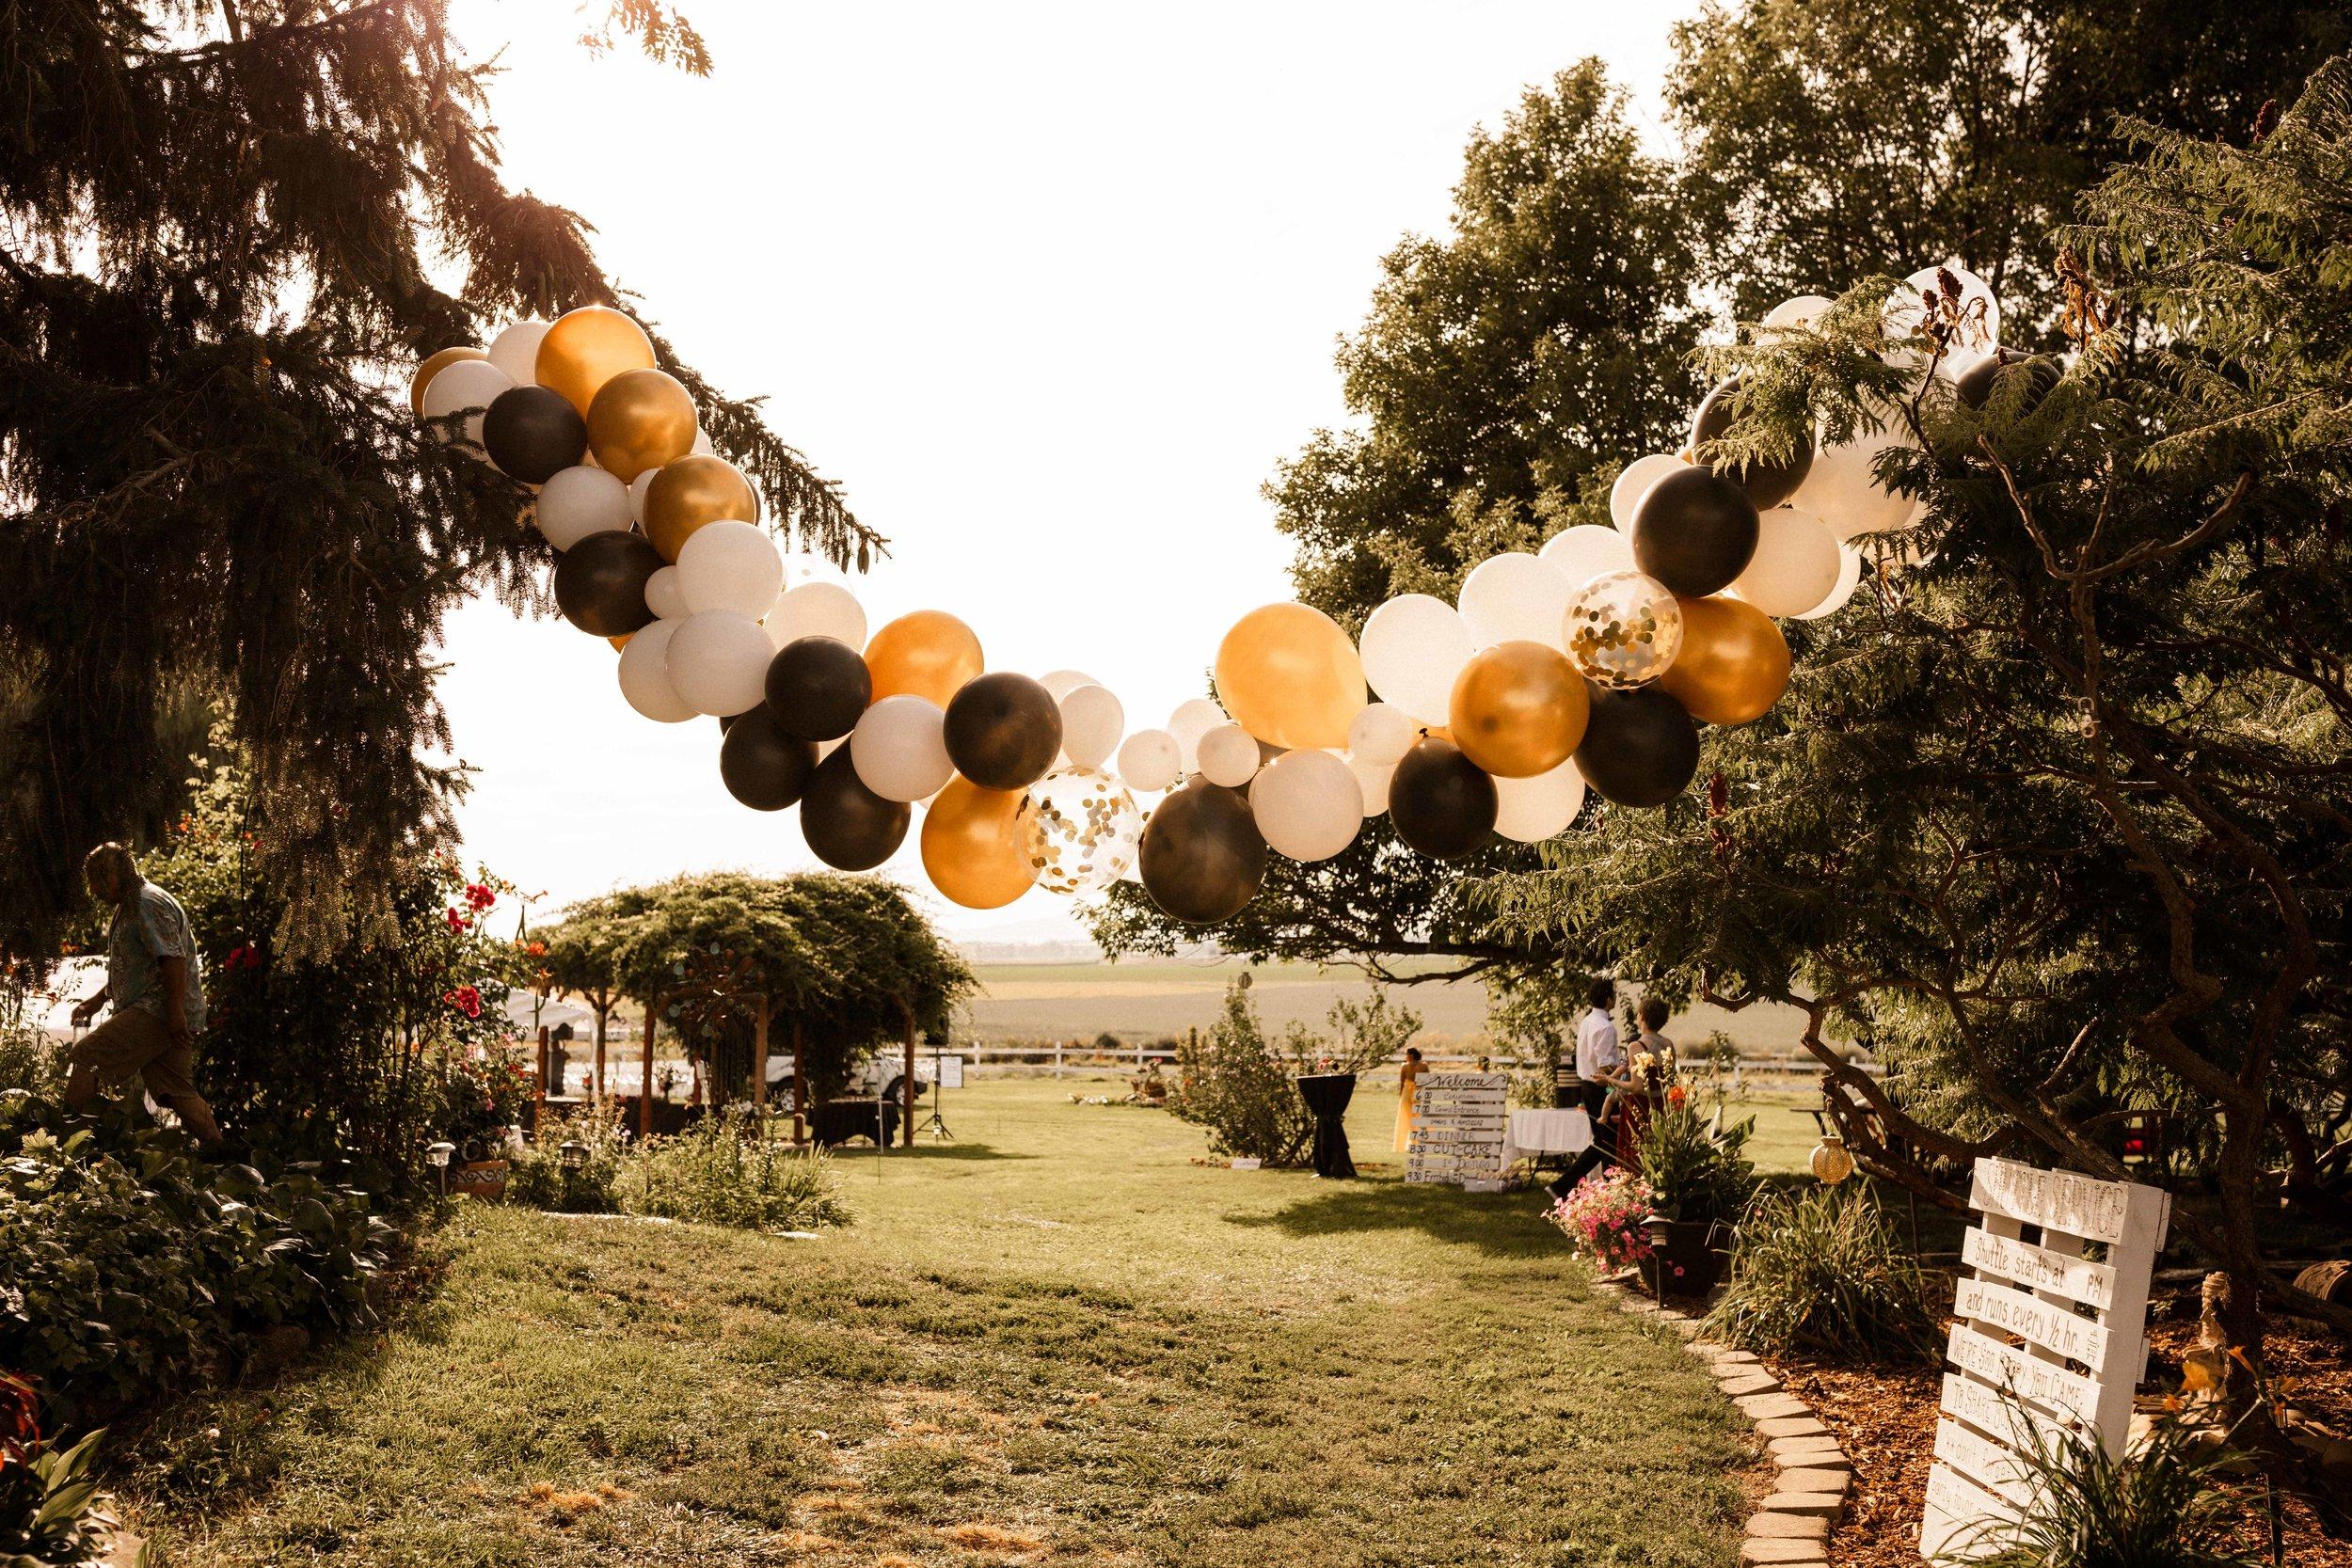 pasco-wedding-photos-9.jpg